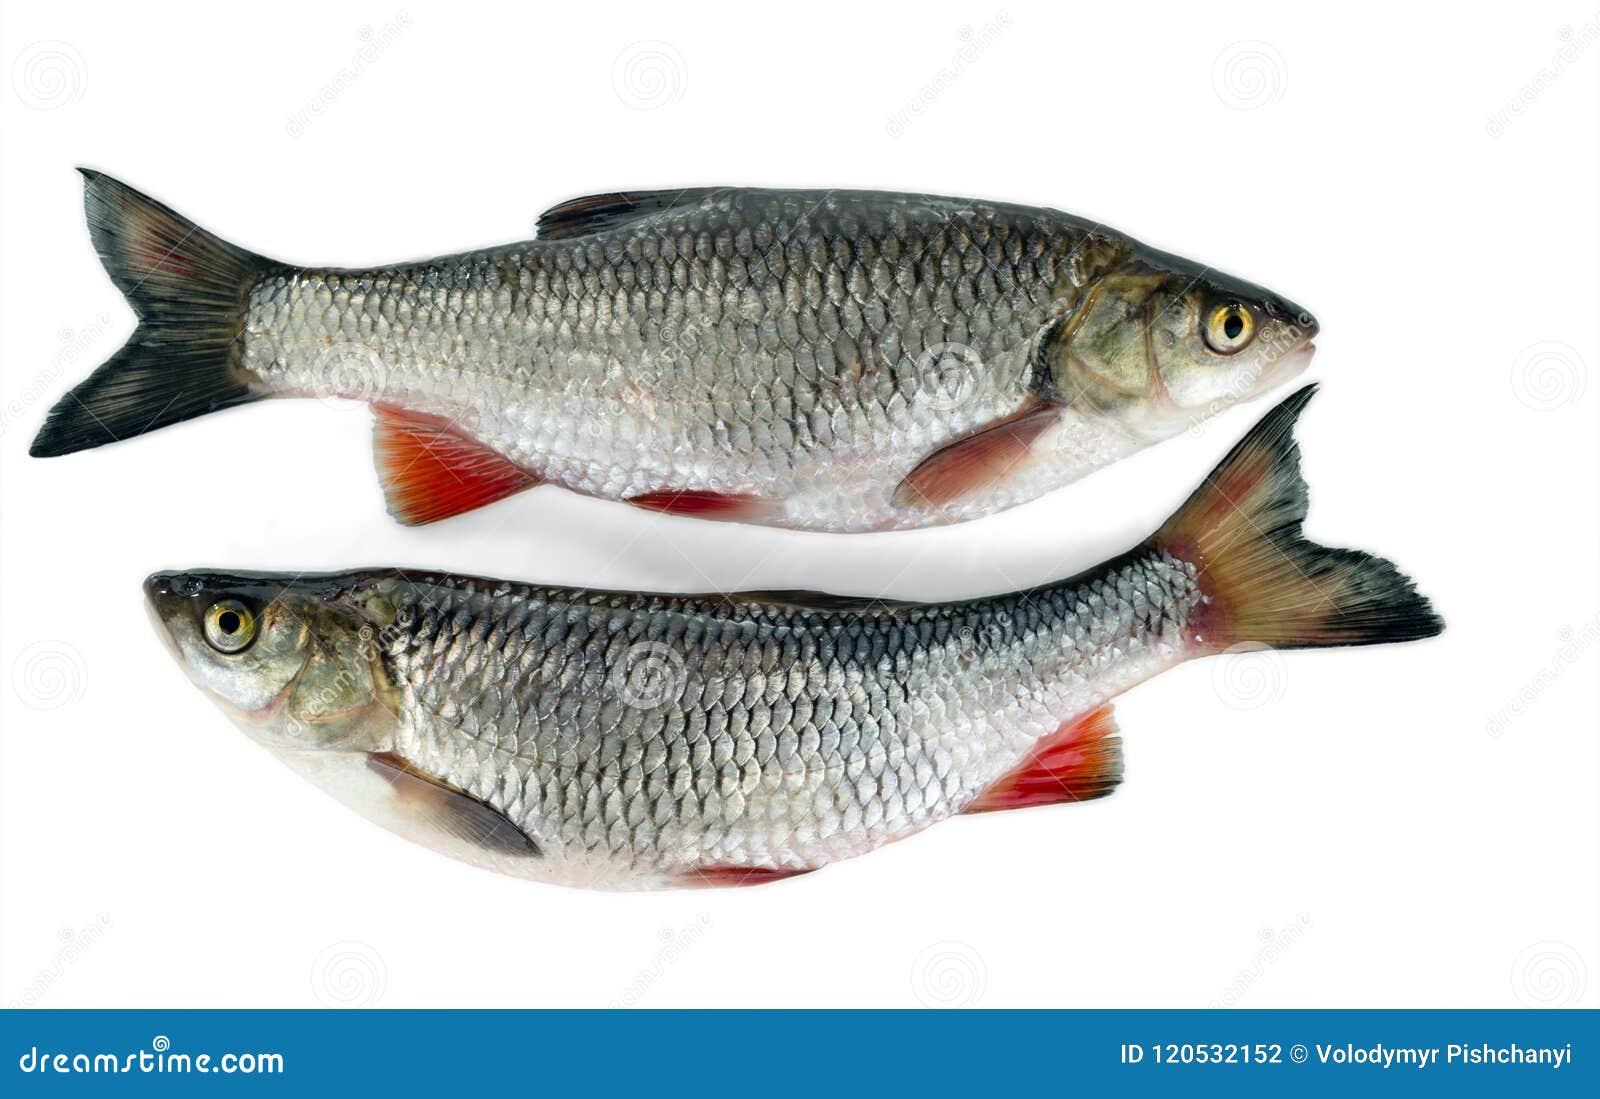 Dwa kleni kłamstwo w pobliżu pojedynczy białe tło Pospolita słodkowodna ryba